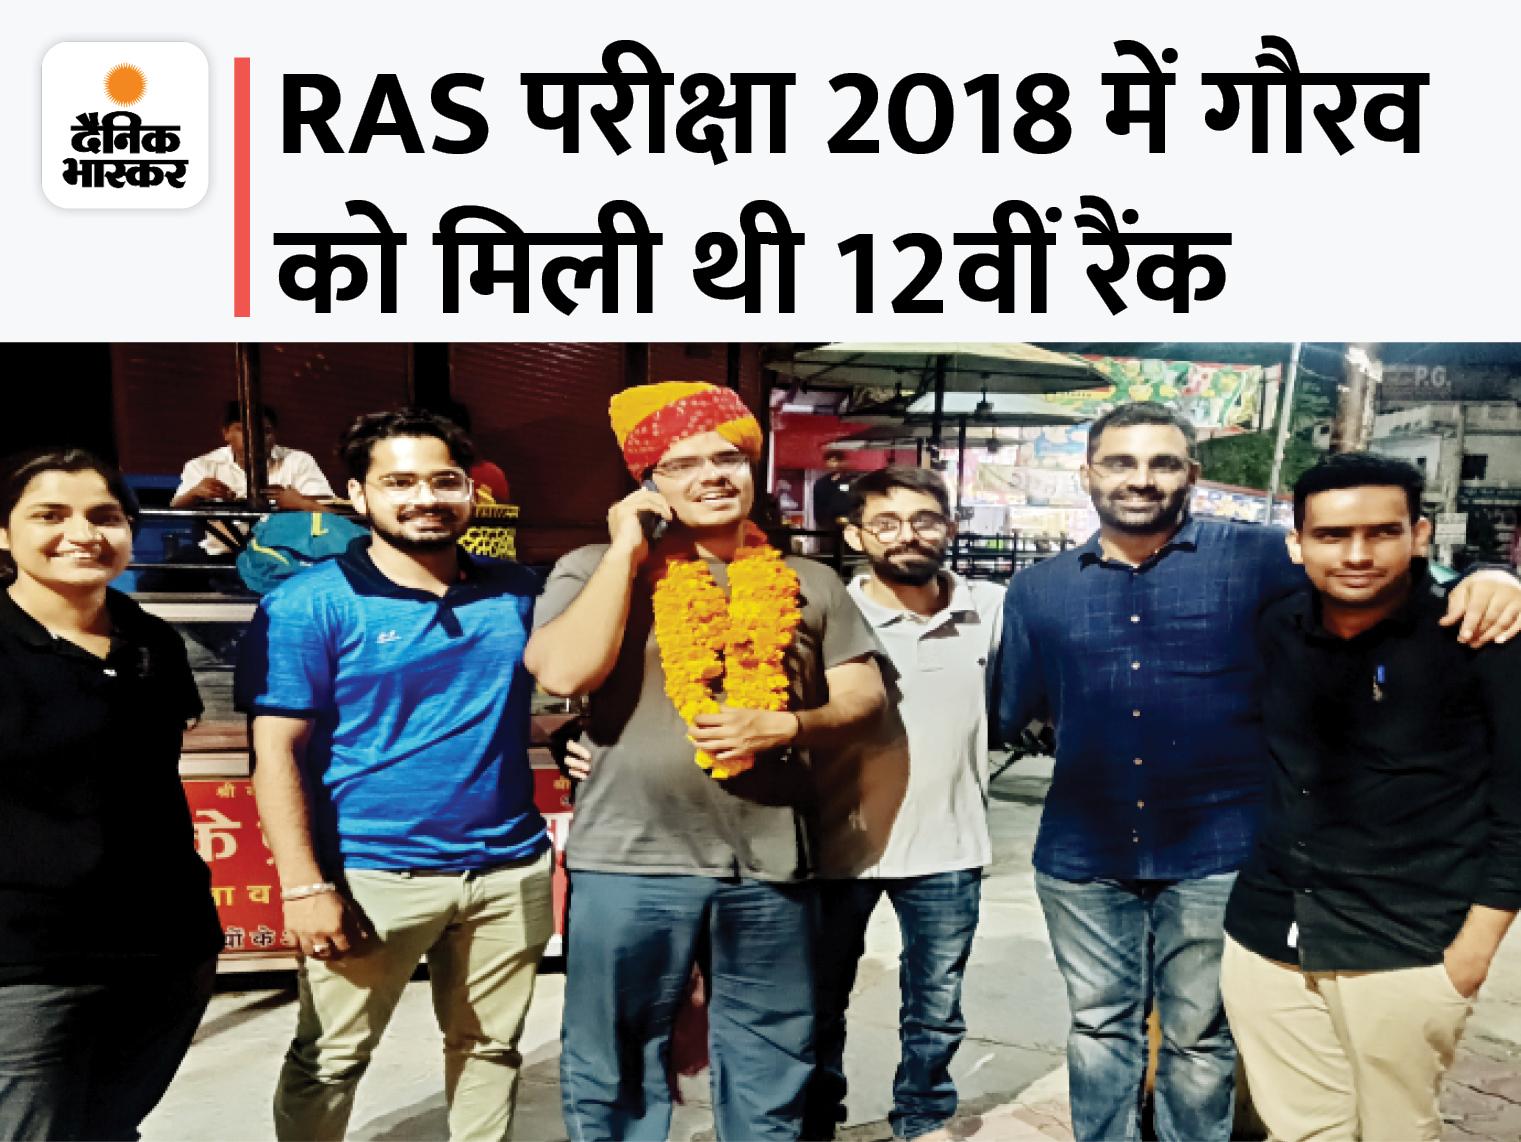 कोरोना में 2 महीने हॉस्पिटल रहे, इंटरव्यू की तैयारी के 15 दिन मिले, लेकिन यह सोचा सब अच्छा होगा ऐसा ही हुआ|जयपुर,Jaipur - Dainik Bhaskar